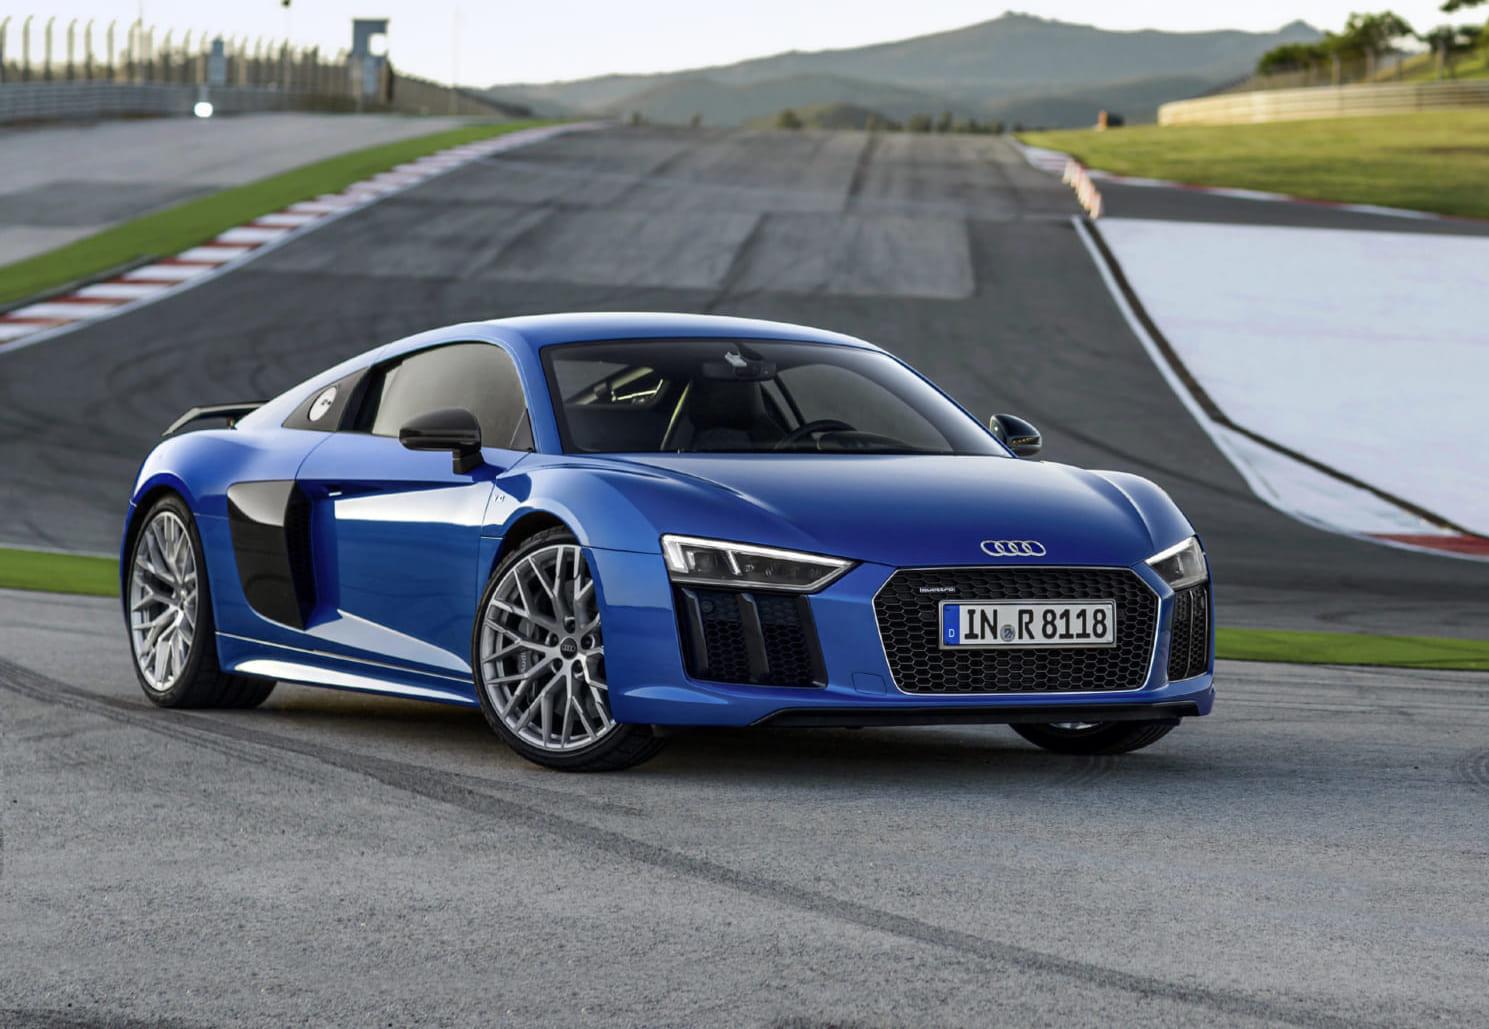 Audi_R8_Coupé_V10_plus_front_side